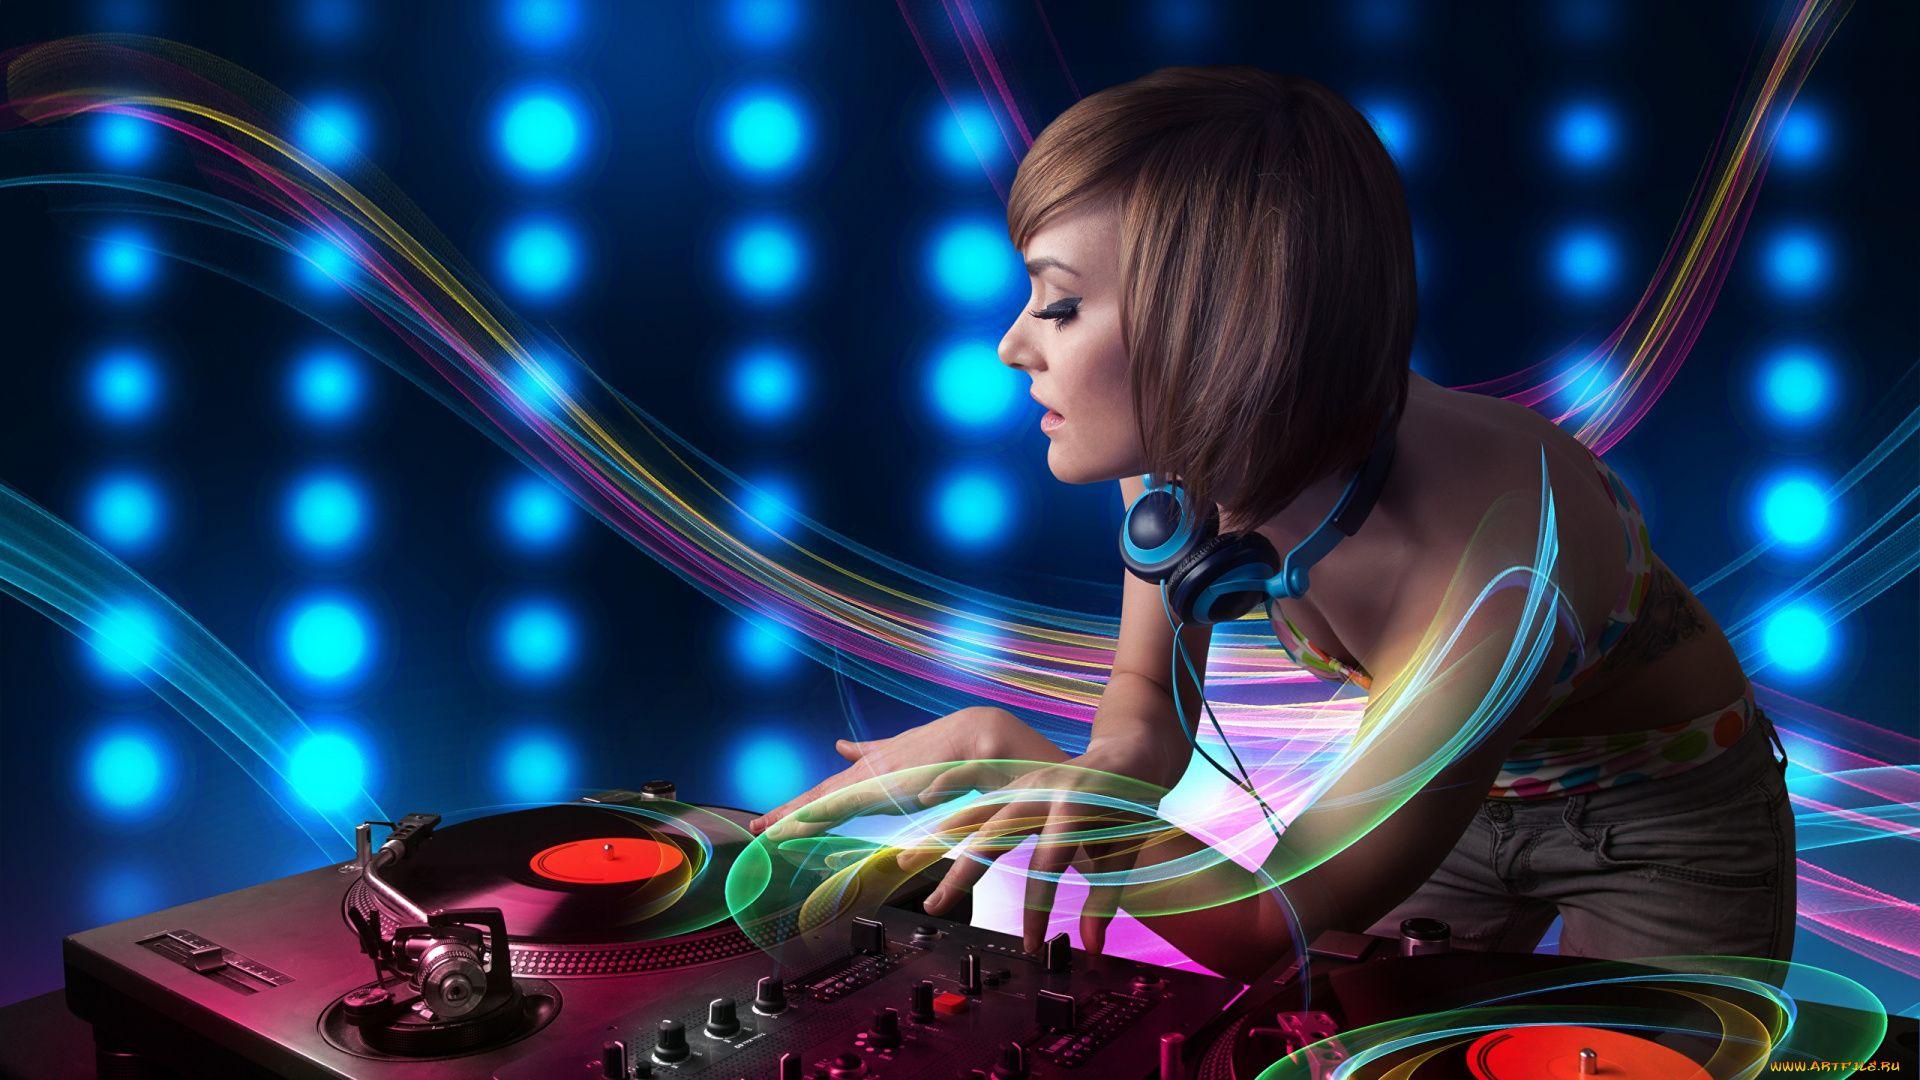 Music desktop image